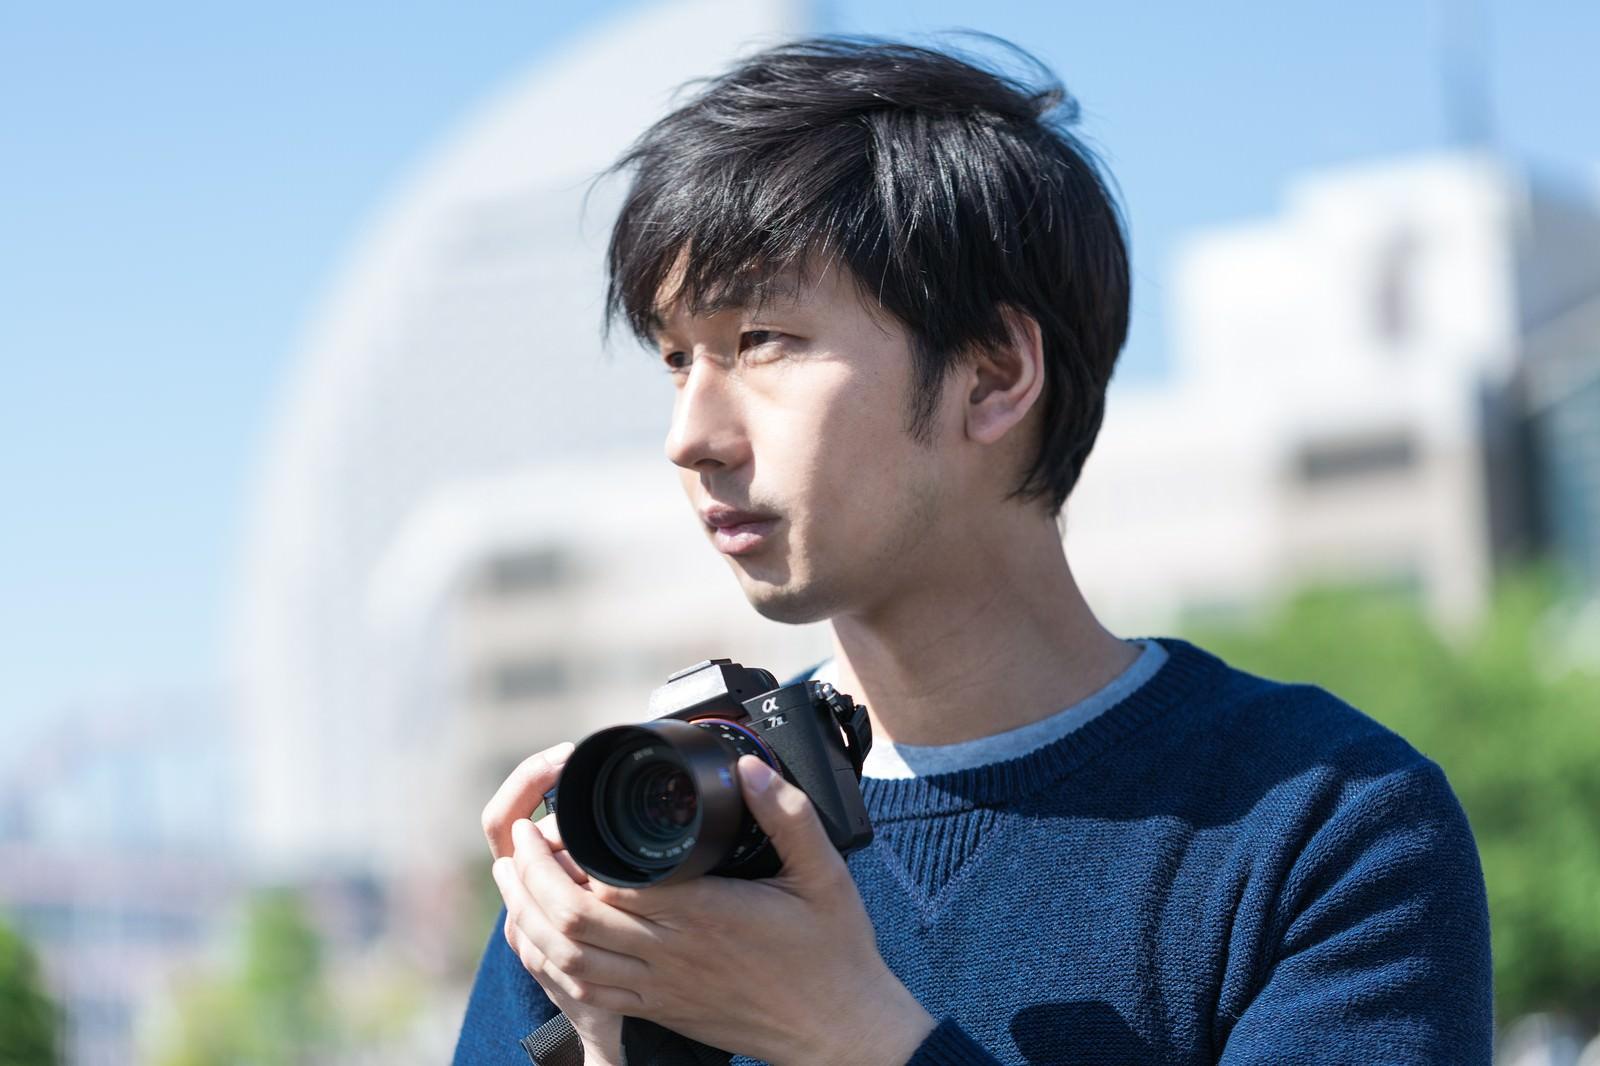 「イケメンカメラ男子」の写真[モデル:大川竜弥]